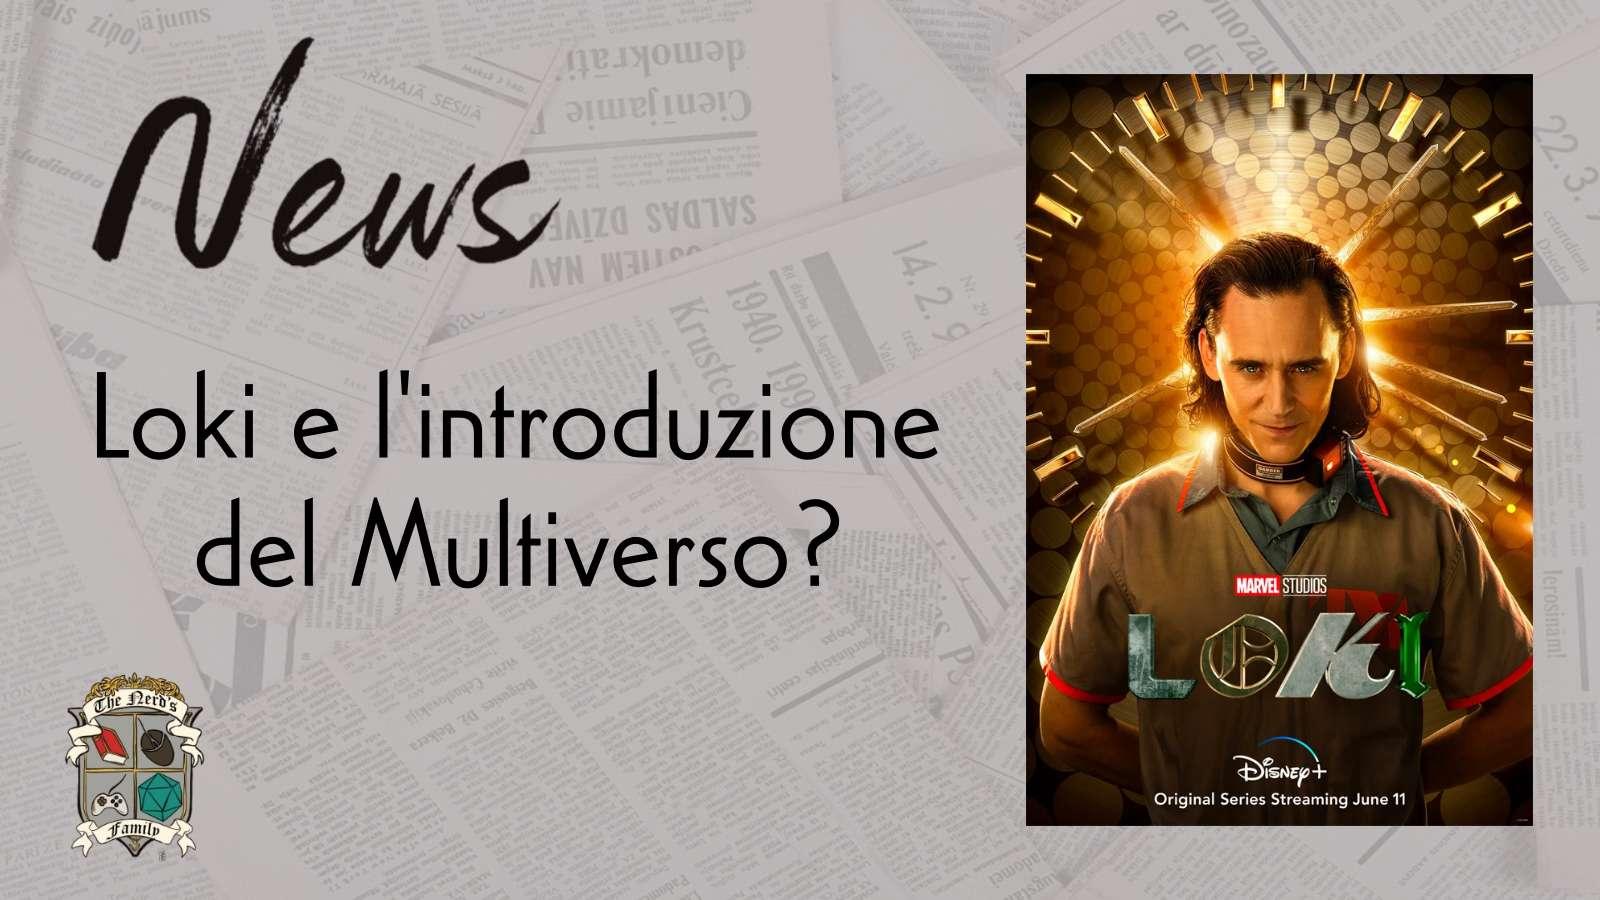 Seconda stagione di Loki: un annuncio inaspettato!